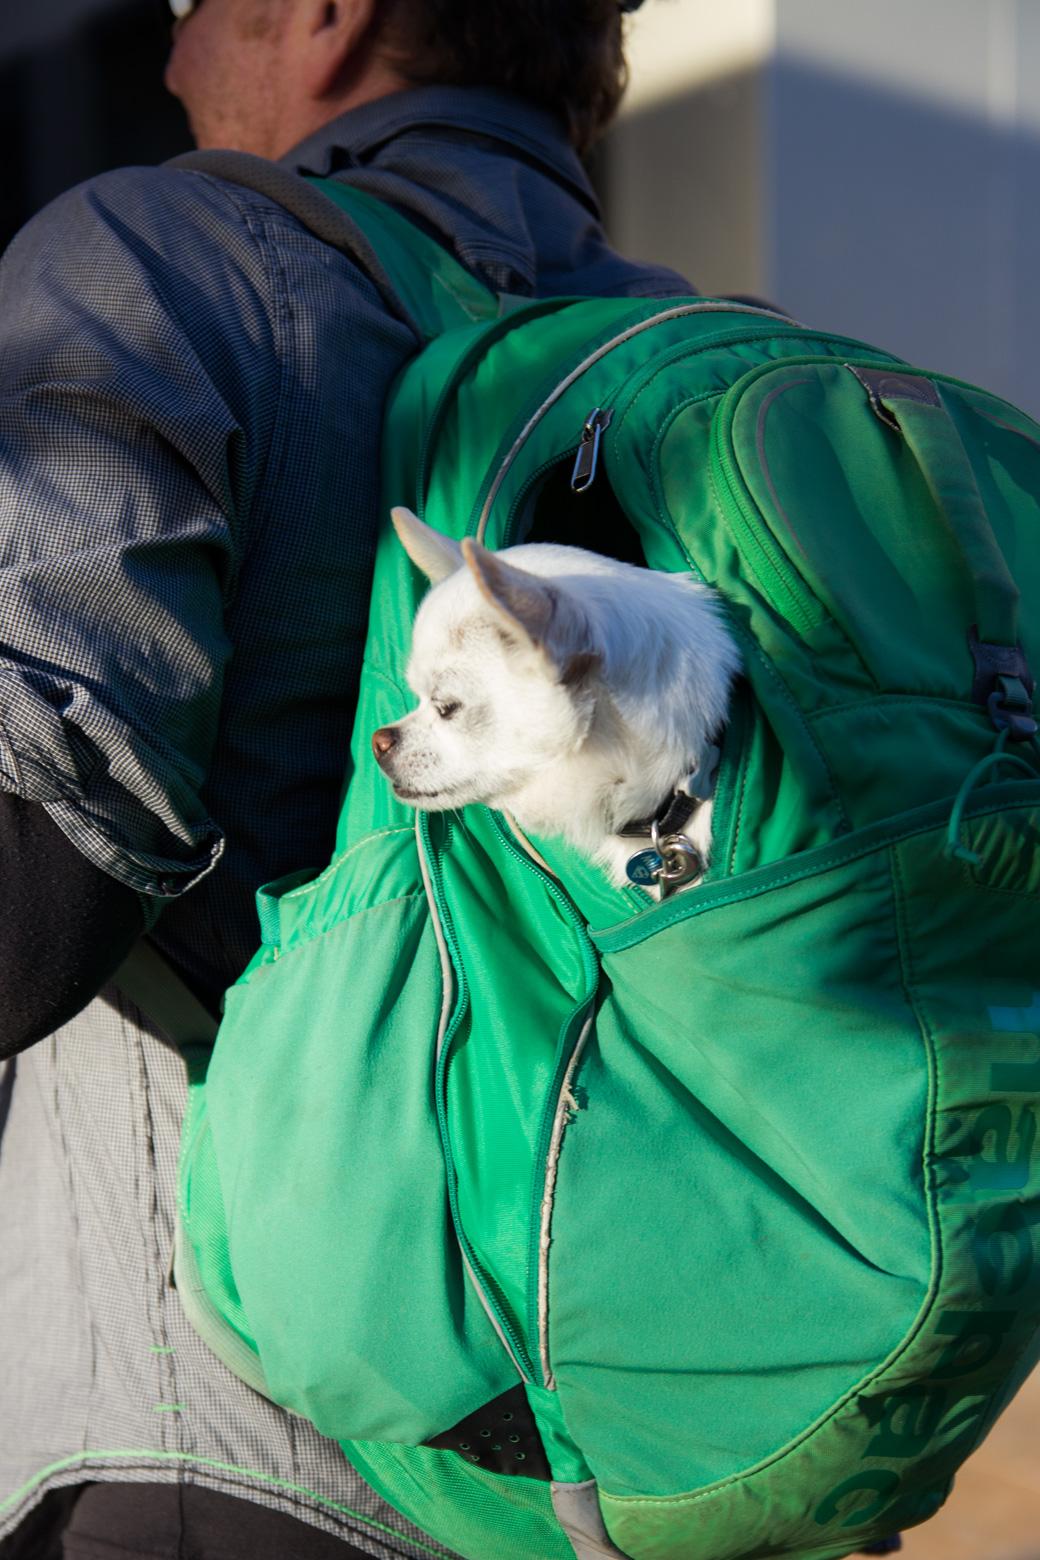 Millau, der kleine Chihuahua, praktisch verpackt in Alicante.